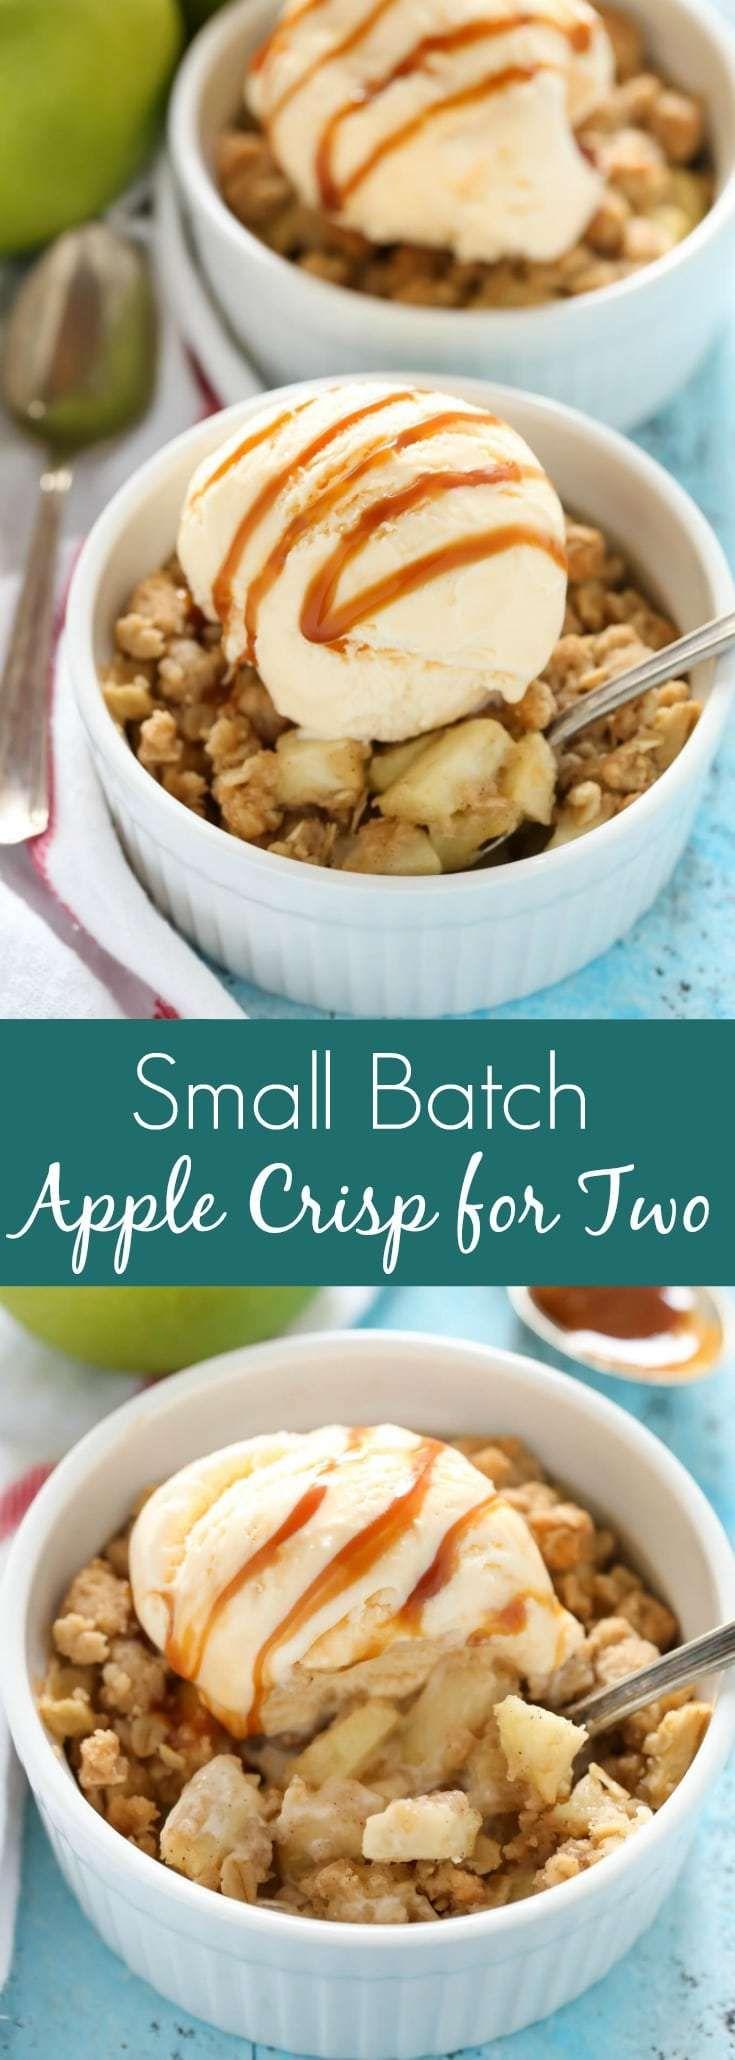 Apple Crisp For Two